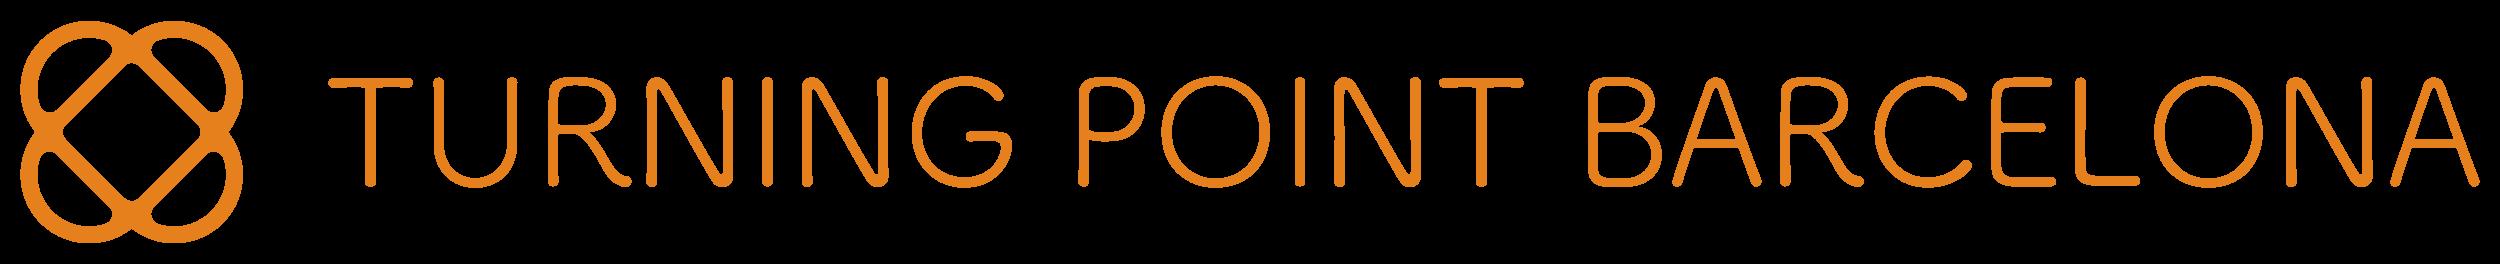 スペイン・バルセロナ留学サービス  Turning Point Barcelona